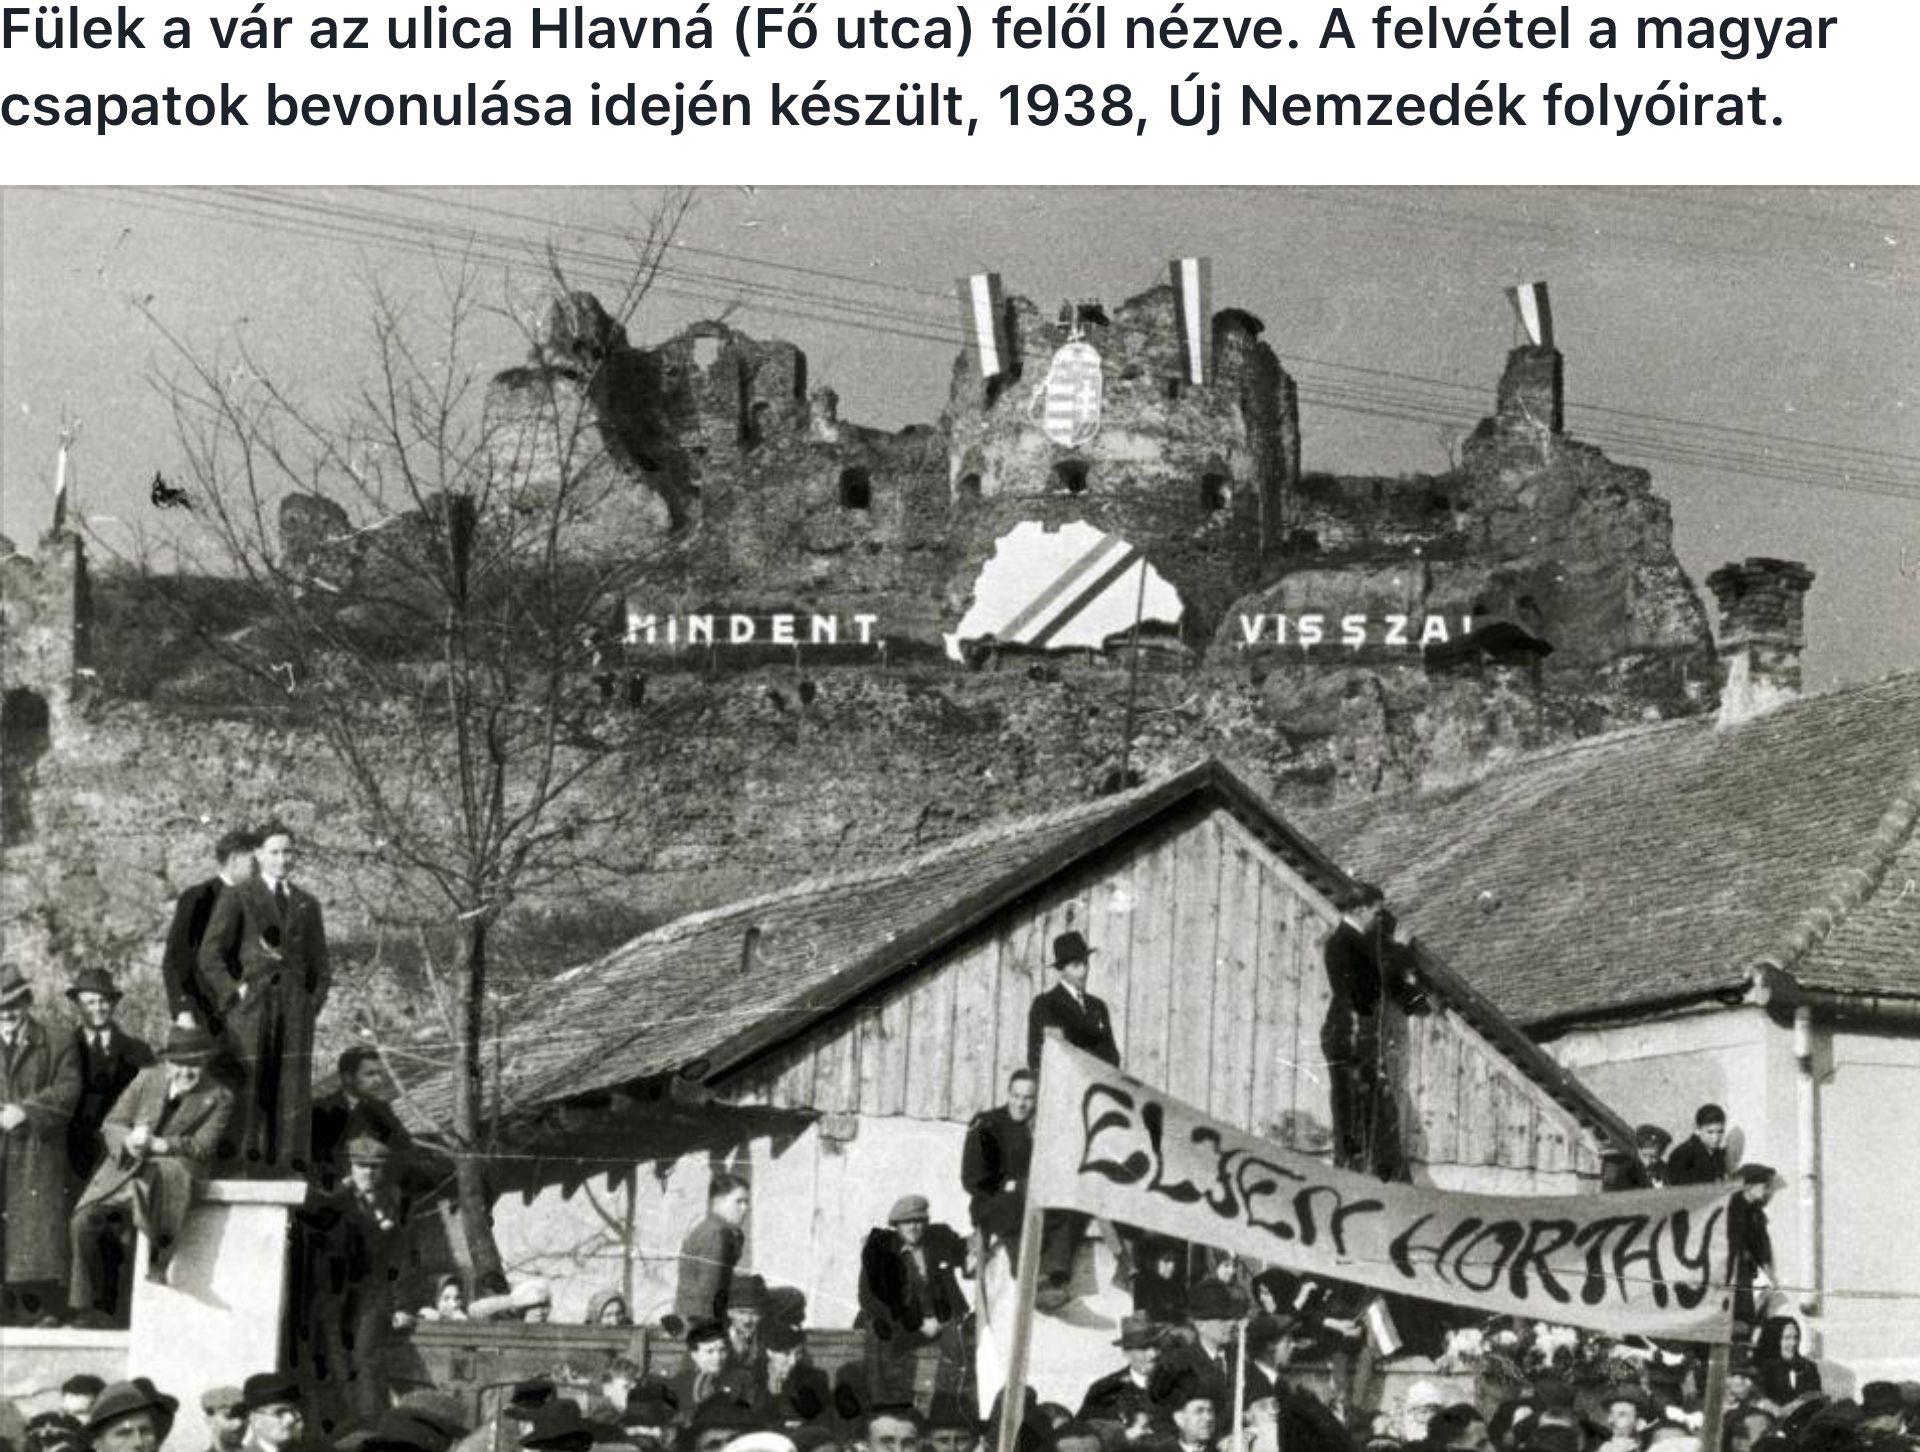 Pin by István Muzamel Muza on EZREDĖVES MAGYAR HAZÁNK